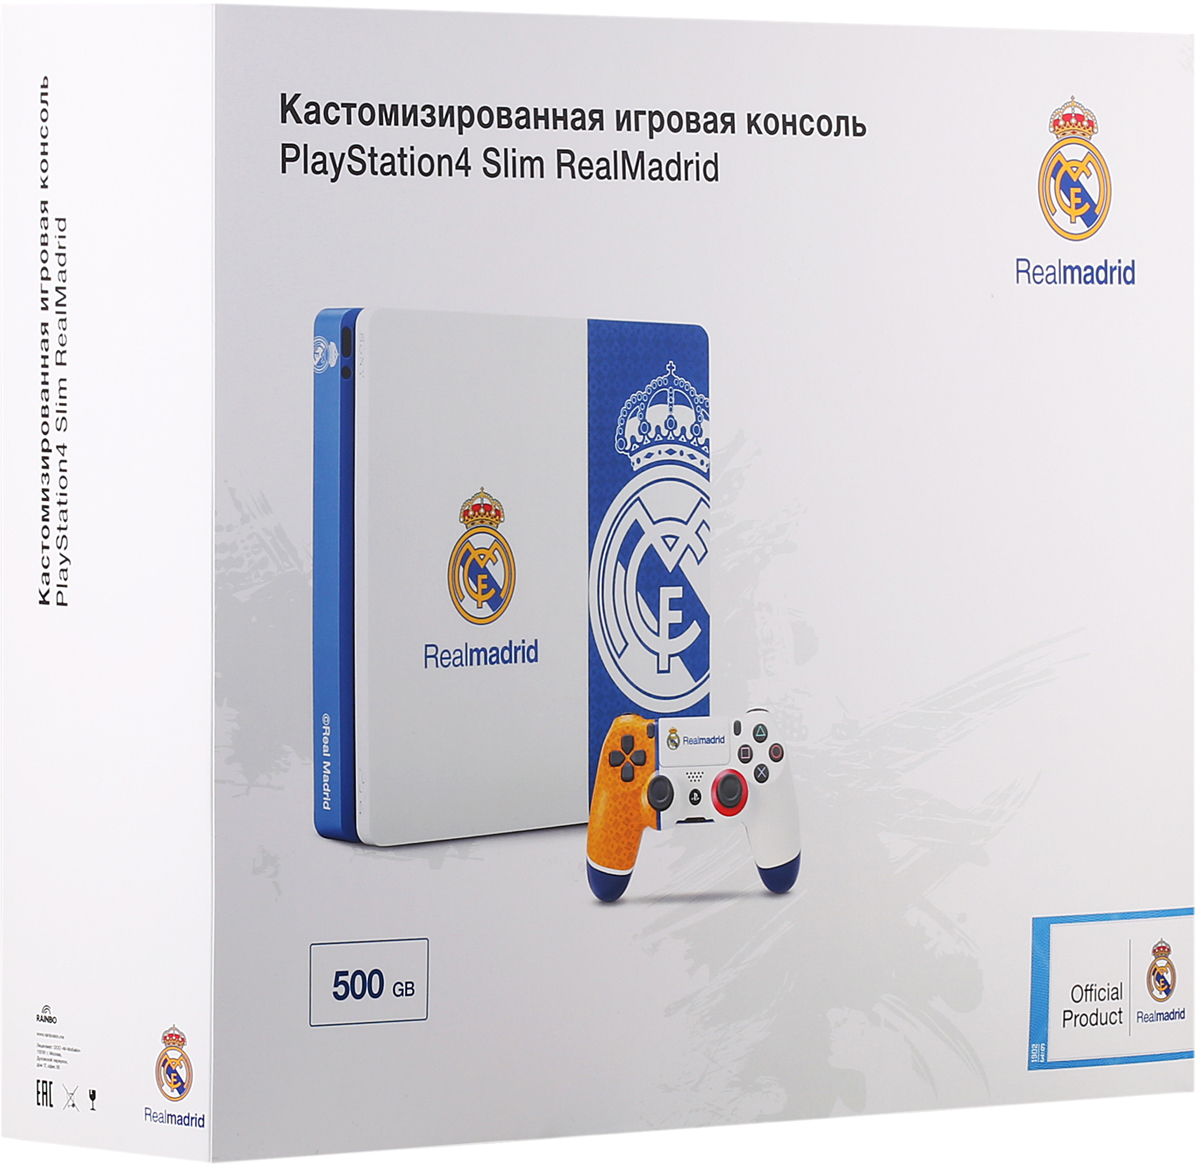 Игровая приставка Sony PlayStation 4 Slim Реал. 1902 (500 GB) игровая приставка sony playstation 4 ps4 pro в комплекте с джойстиком dualshock 4